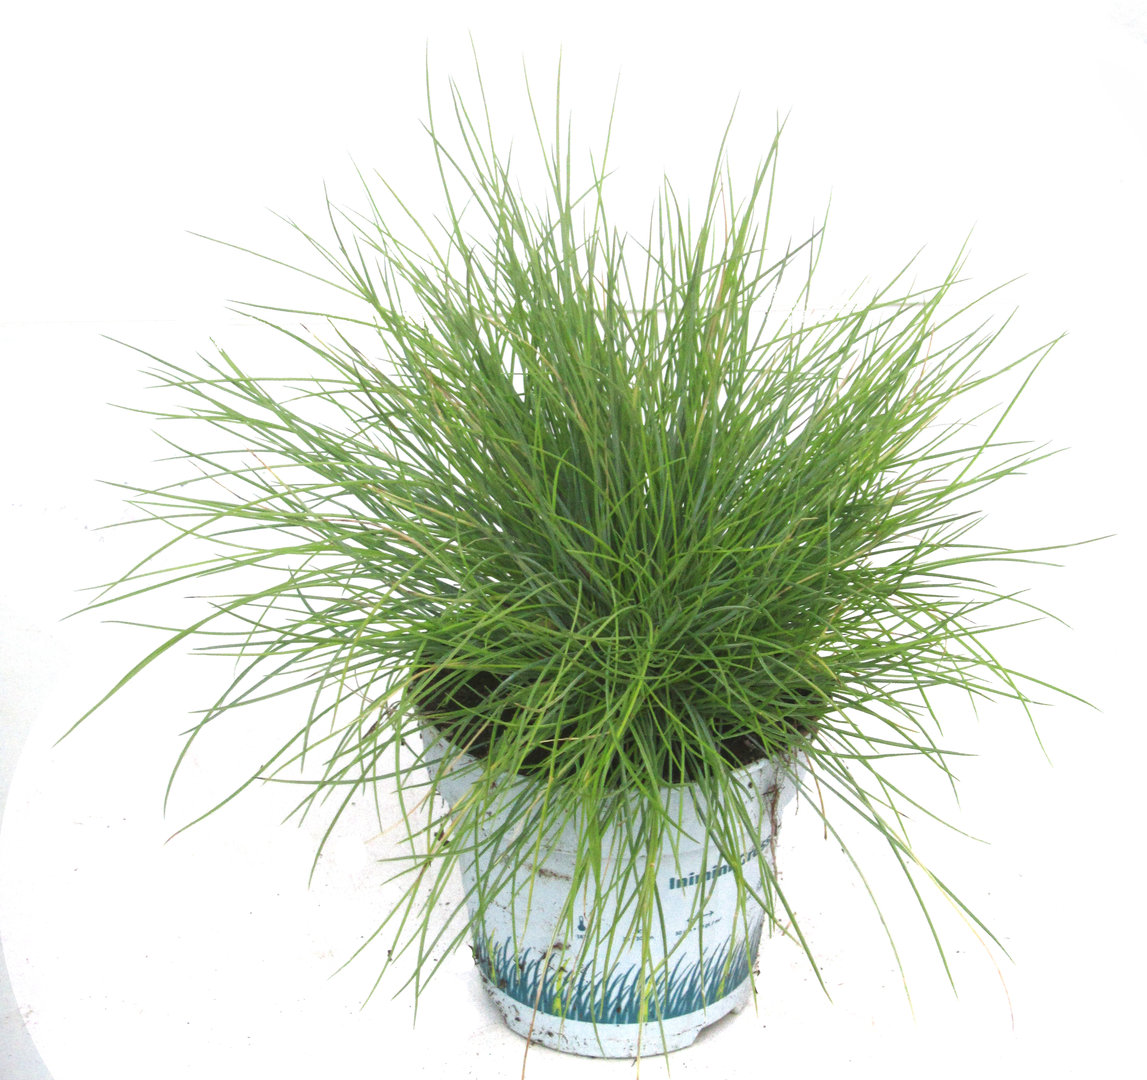 festuca glauca 'golden toupee' goldschwingel - gräser - pflanzen, Gartenarbeit ideen